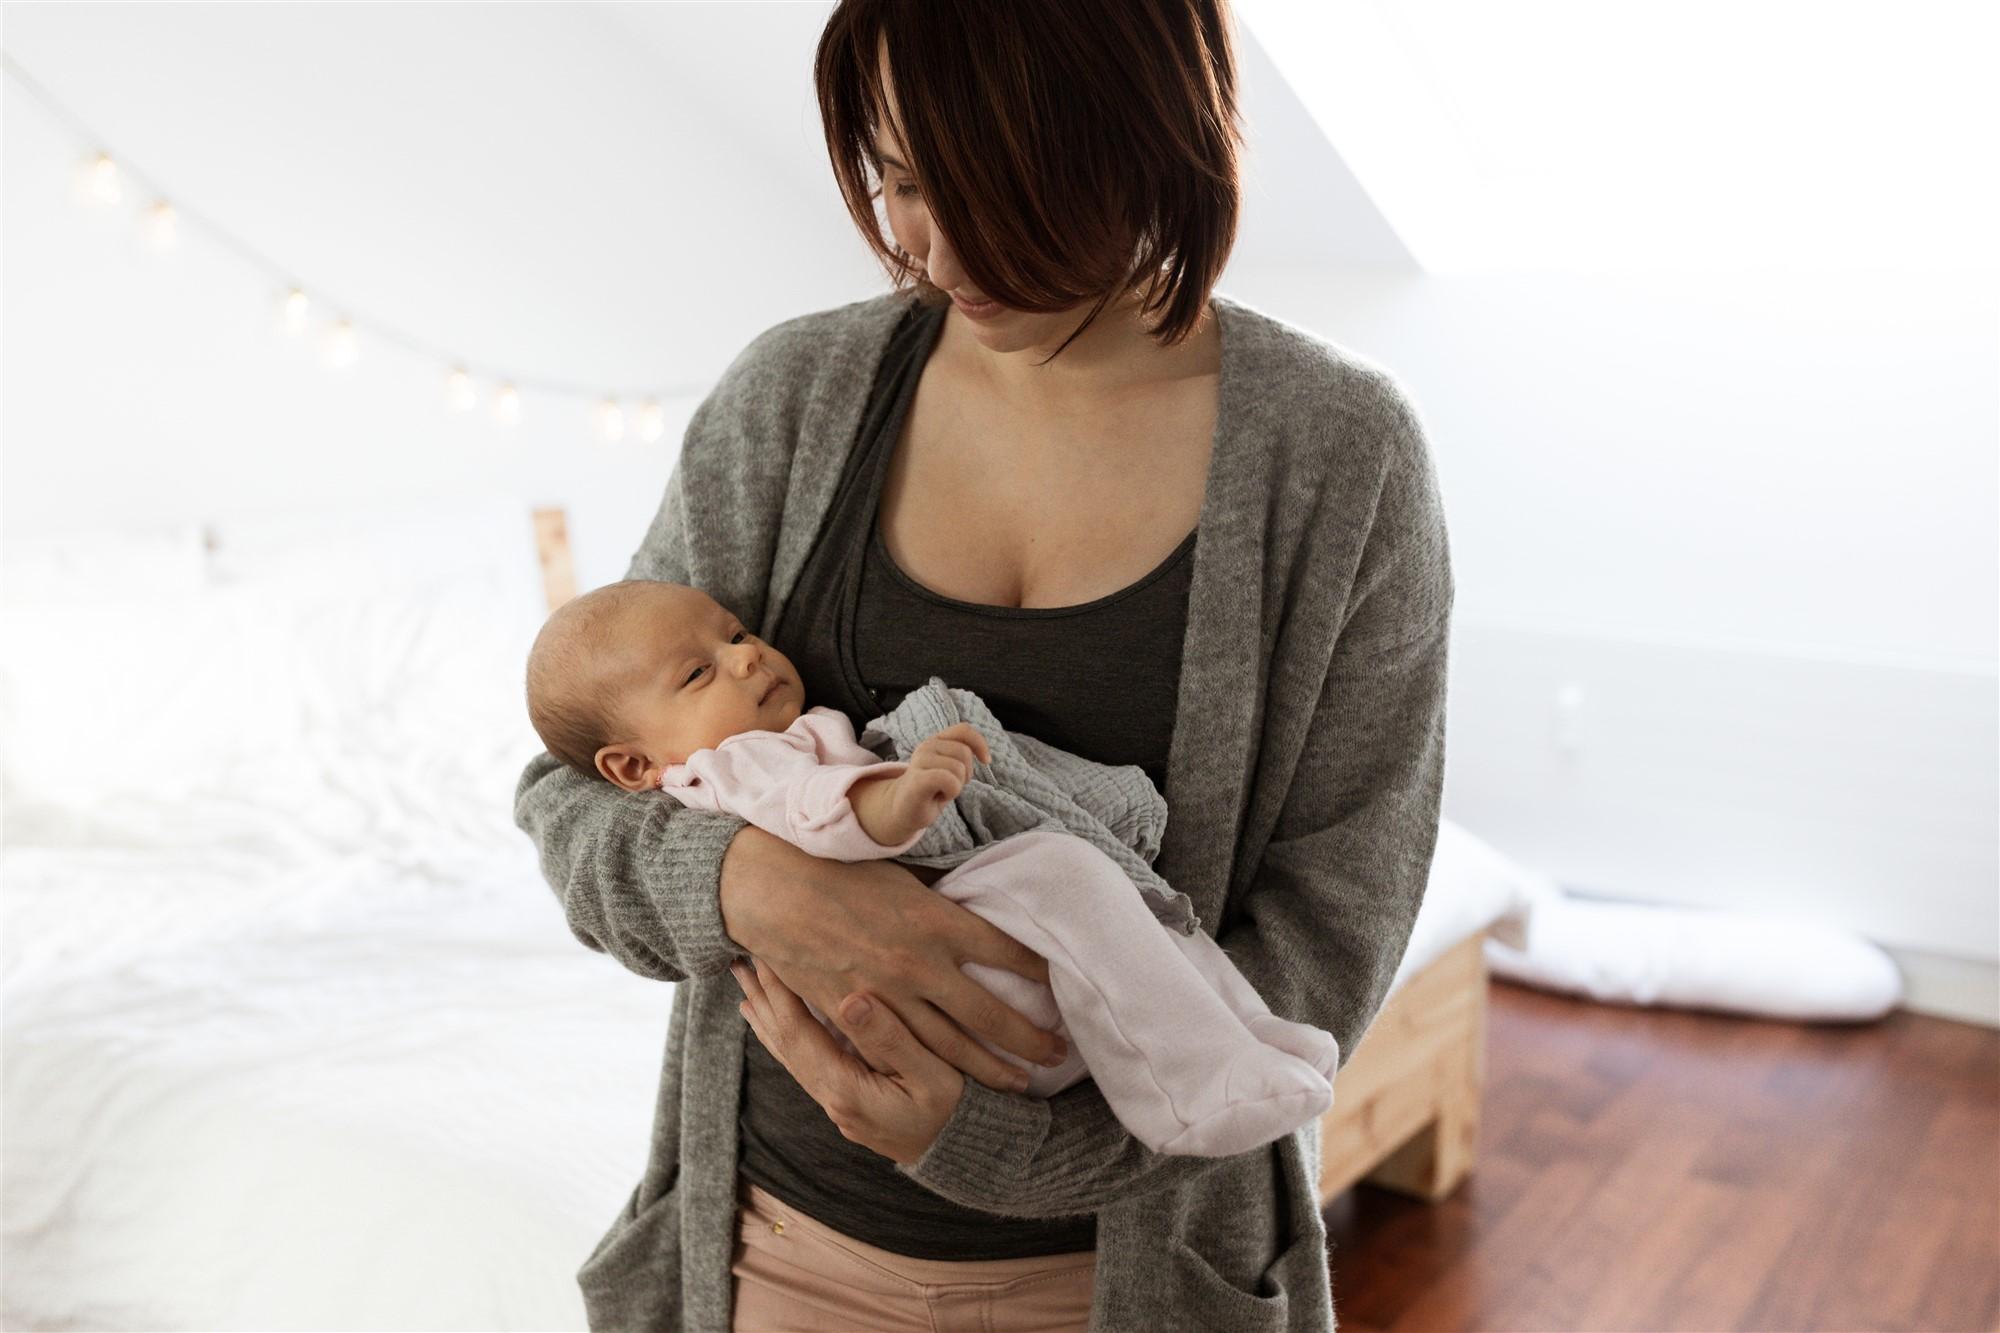 Newborn Homestory Fotoshooting - Die Mama mit ihrem Baby